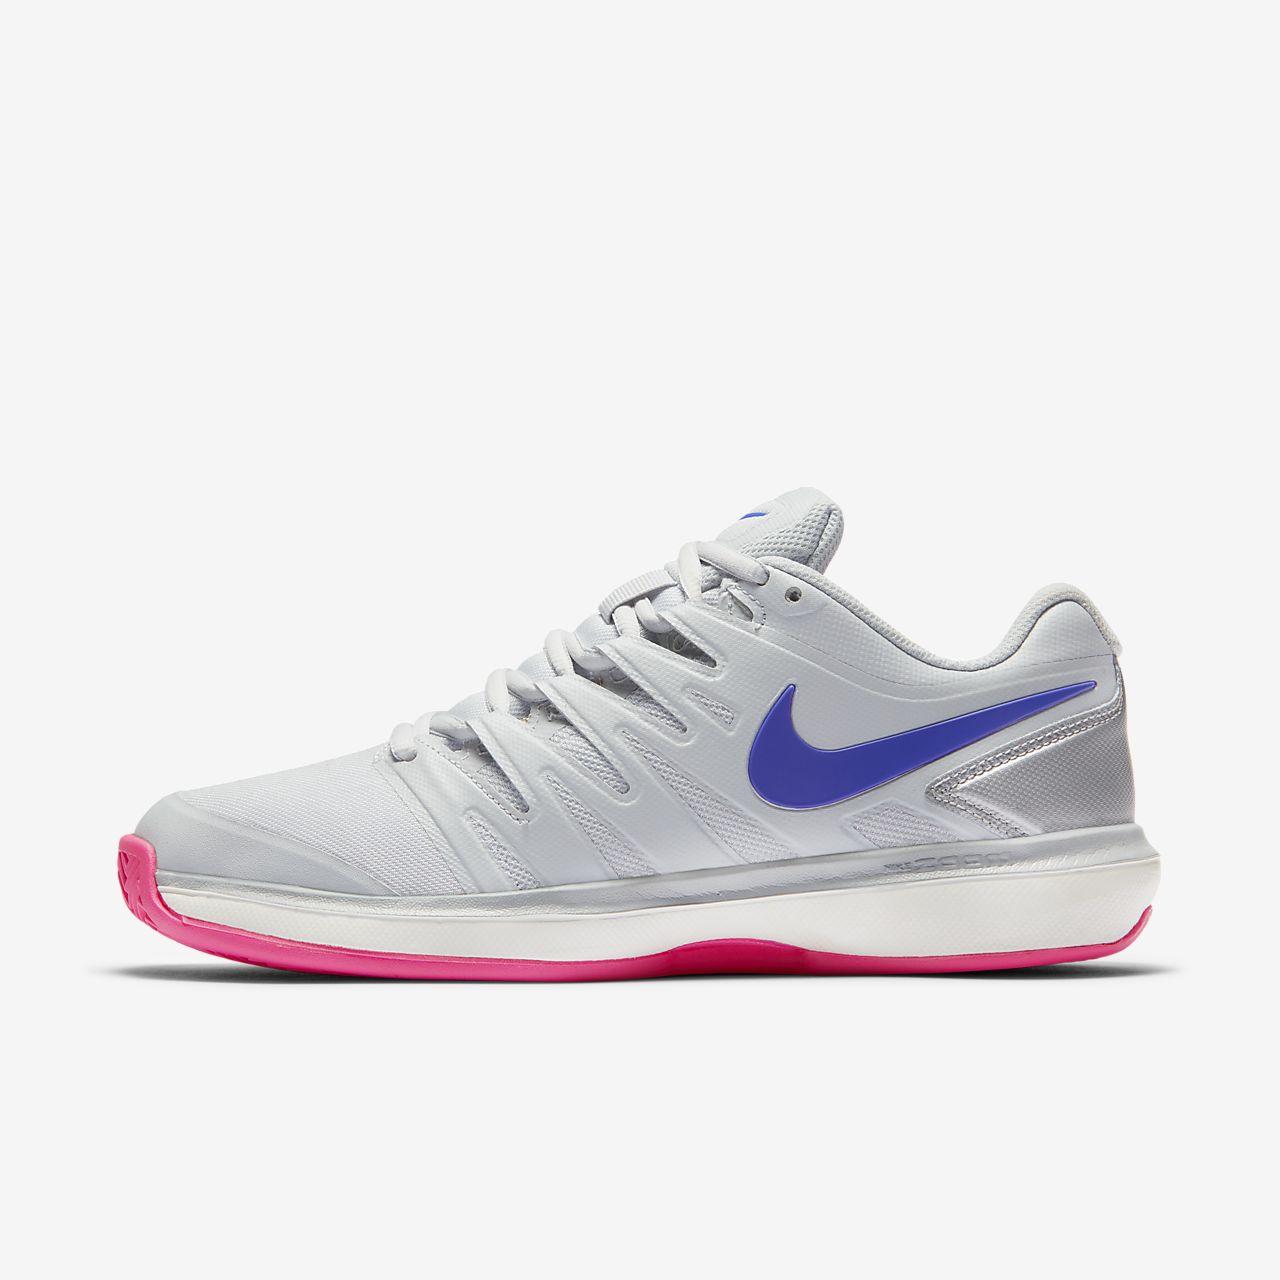 NikeCourt Air Zoom Prestige Zapatillas de tenis para tierra batida - Mujer